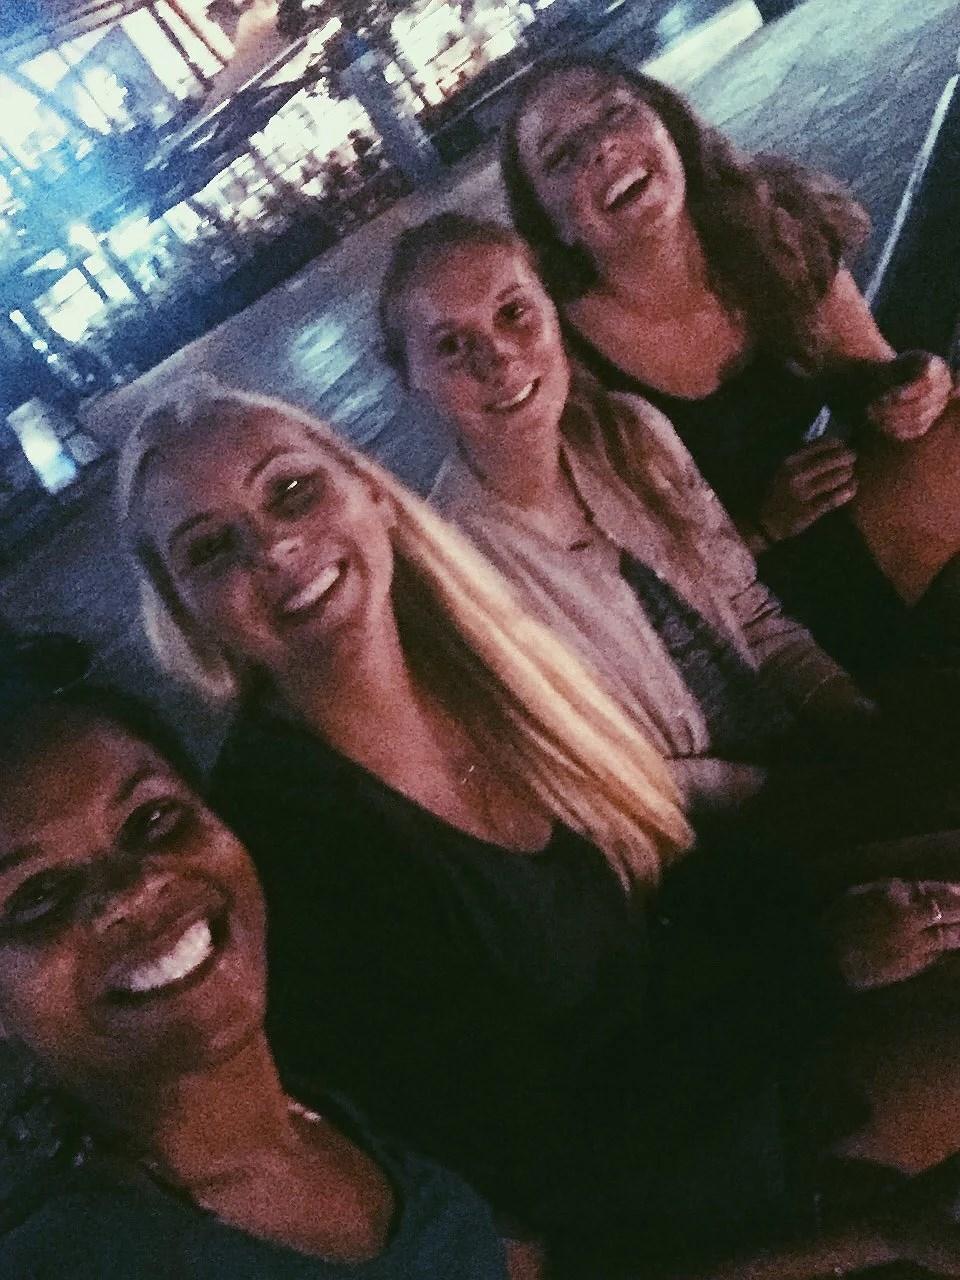 krok upp på Coachella bästa dating personlig profil